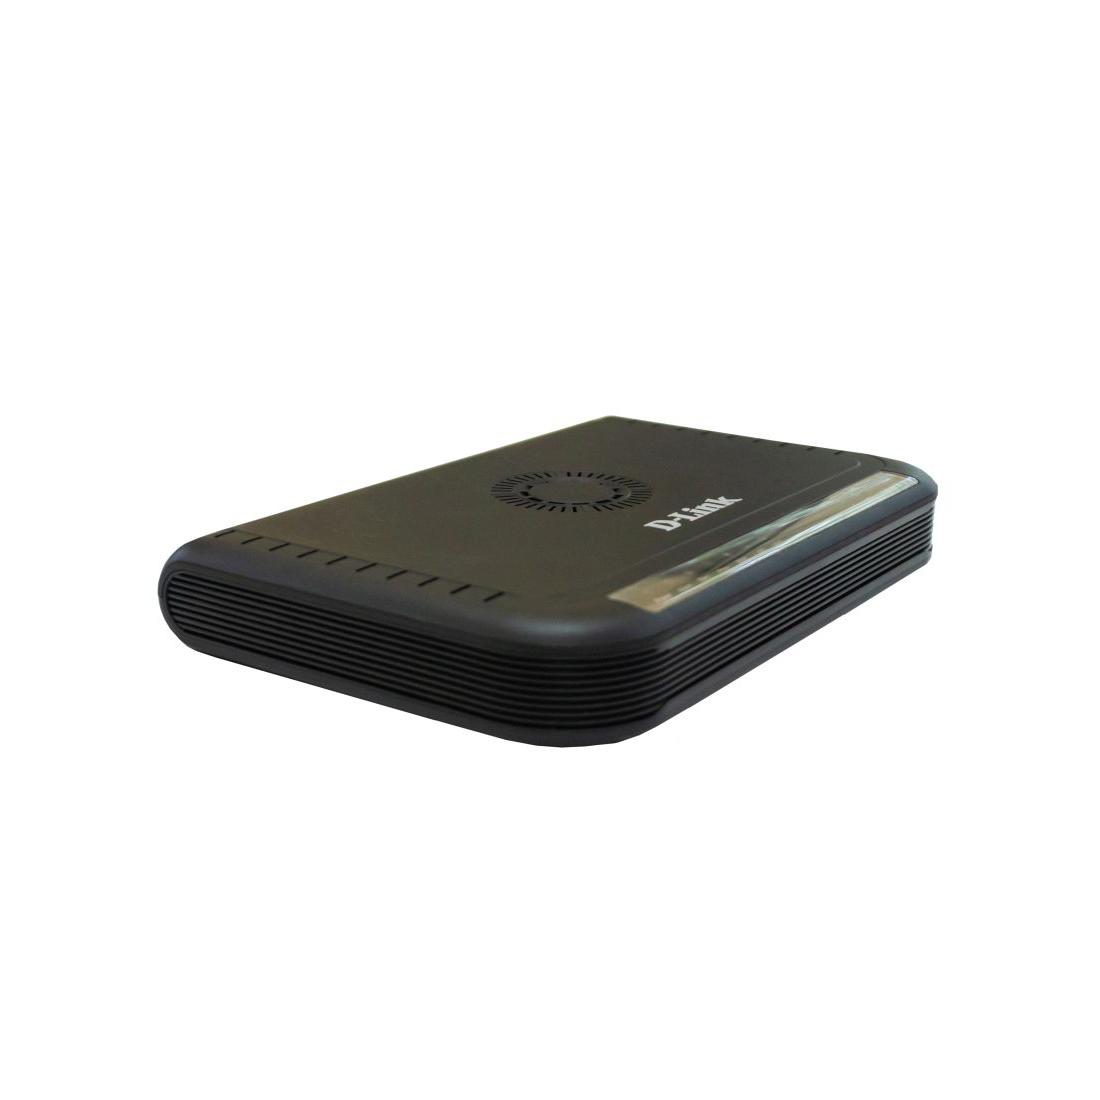 Голосовой шлюз D-Link DVG-6004S / C1A